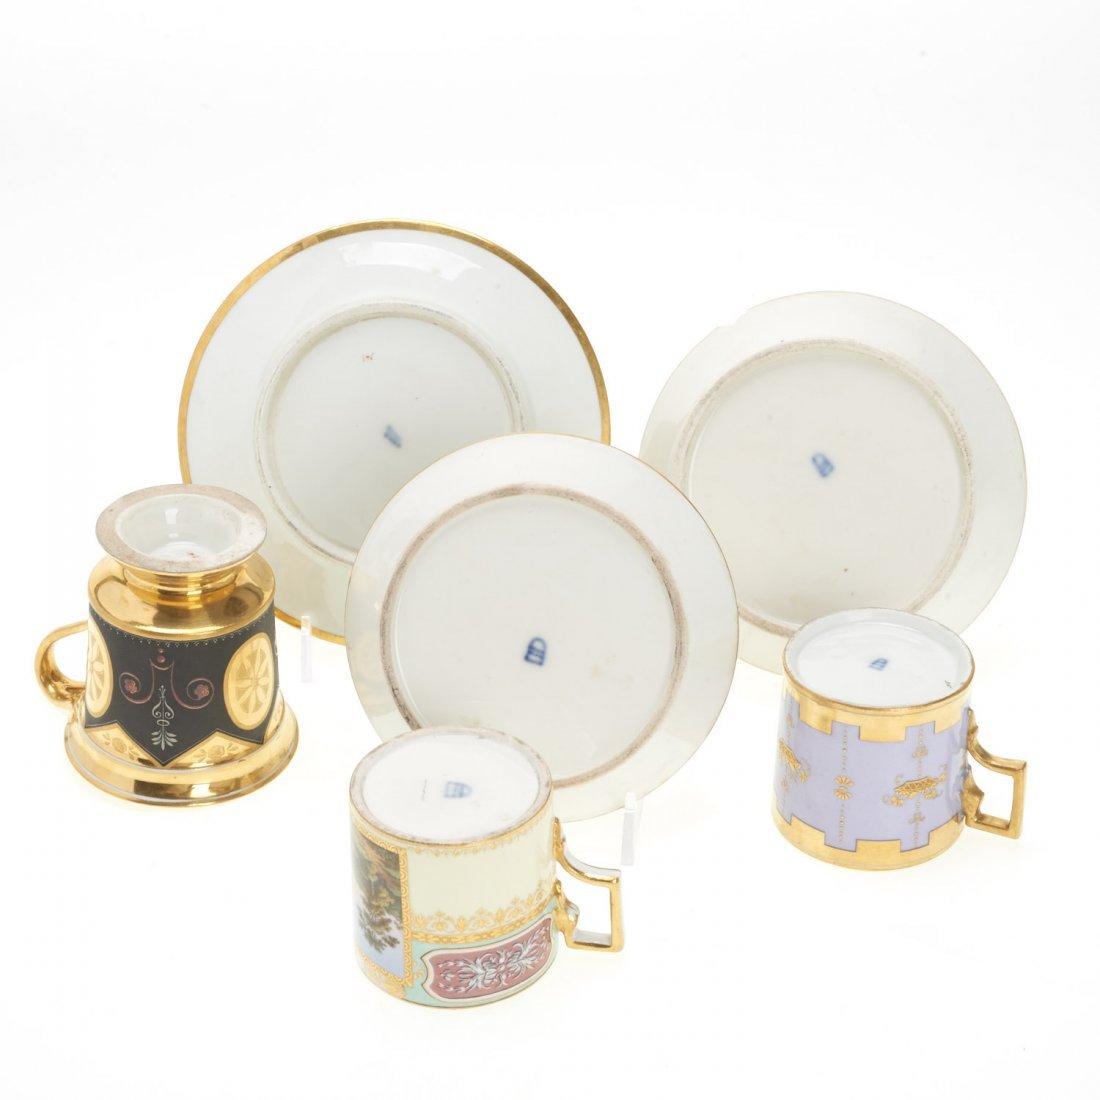 (3) Royal Vienna porcelain teacups/saucers - 8